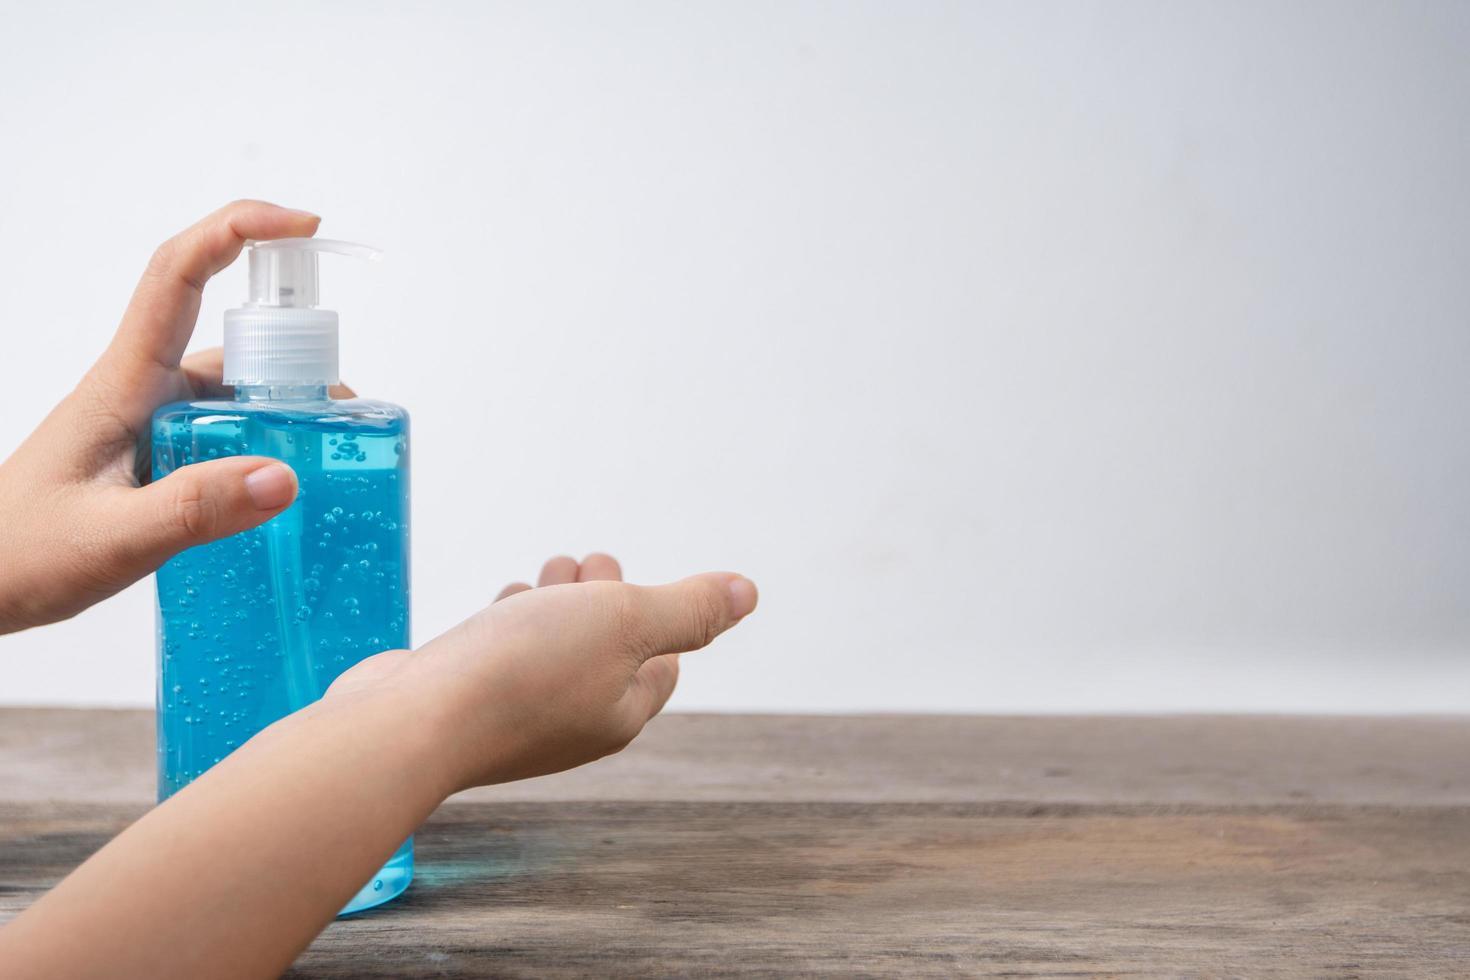 une main en appuyant sur l'alcool désinfectant sur une table photo